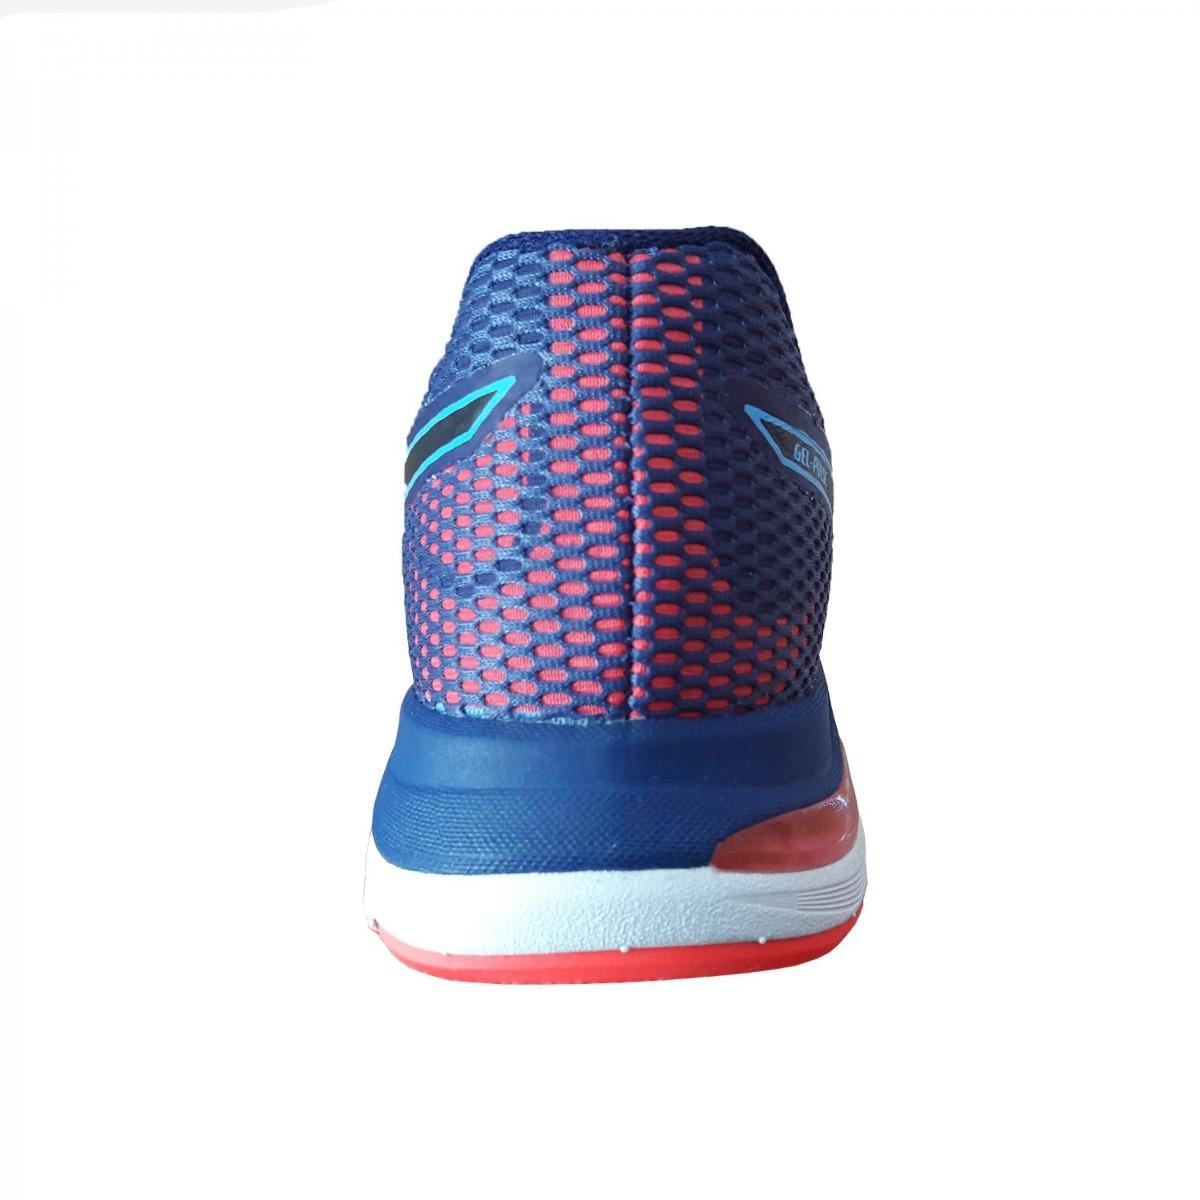 5394f1a0a6 tenis asics gel pulse 10 a feminino 1z22a007.401 - 38 - azul. Carregando  zoom.